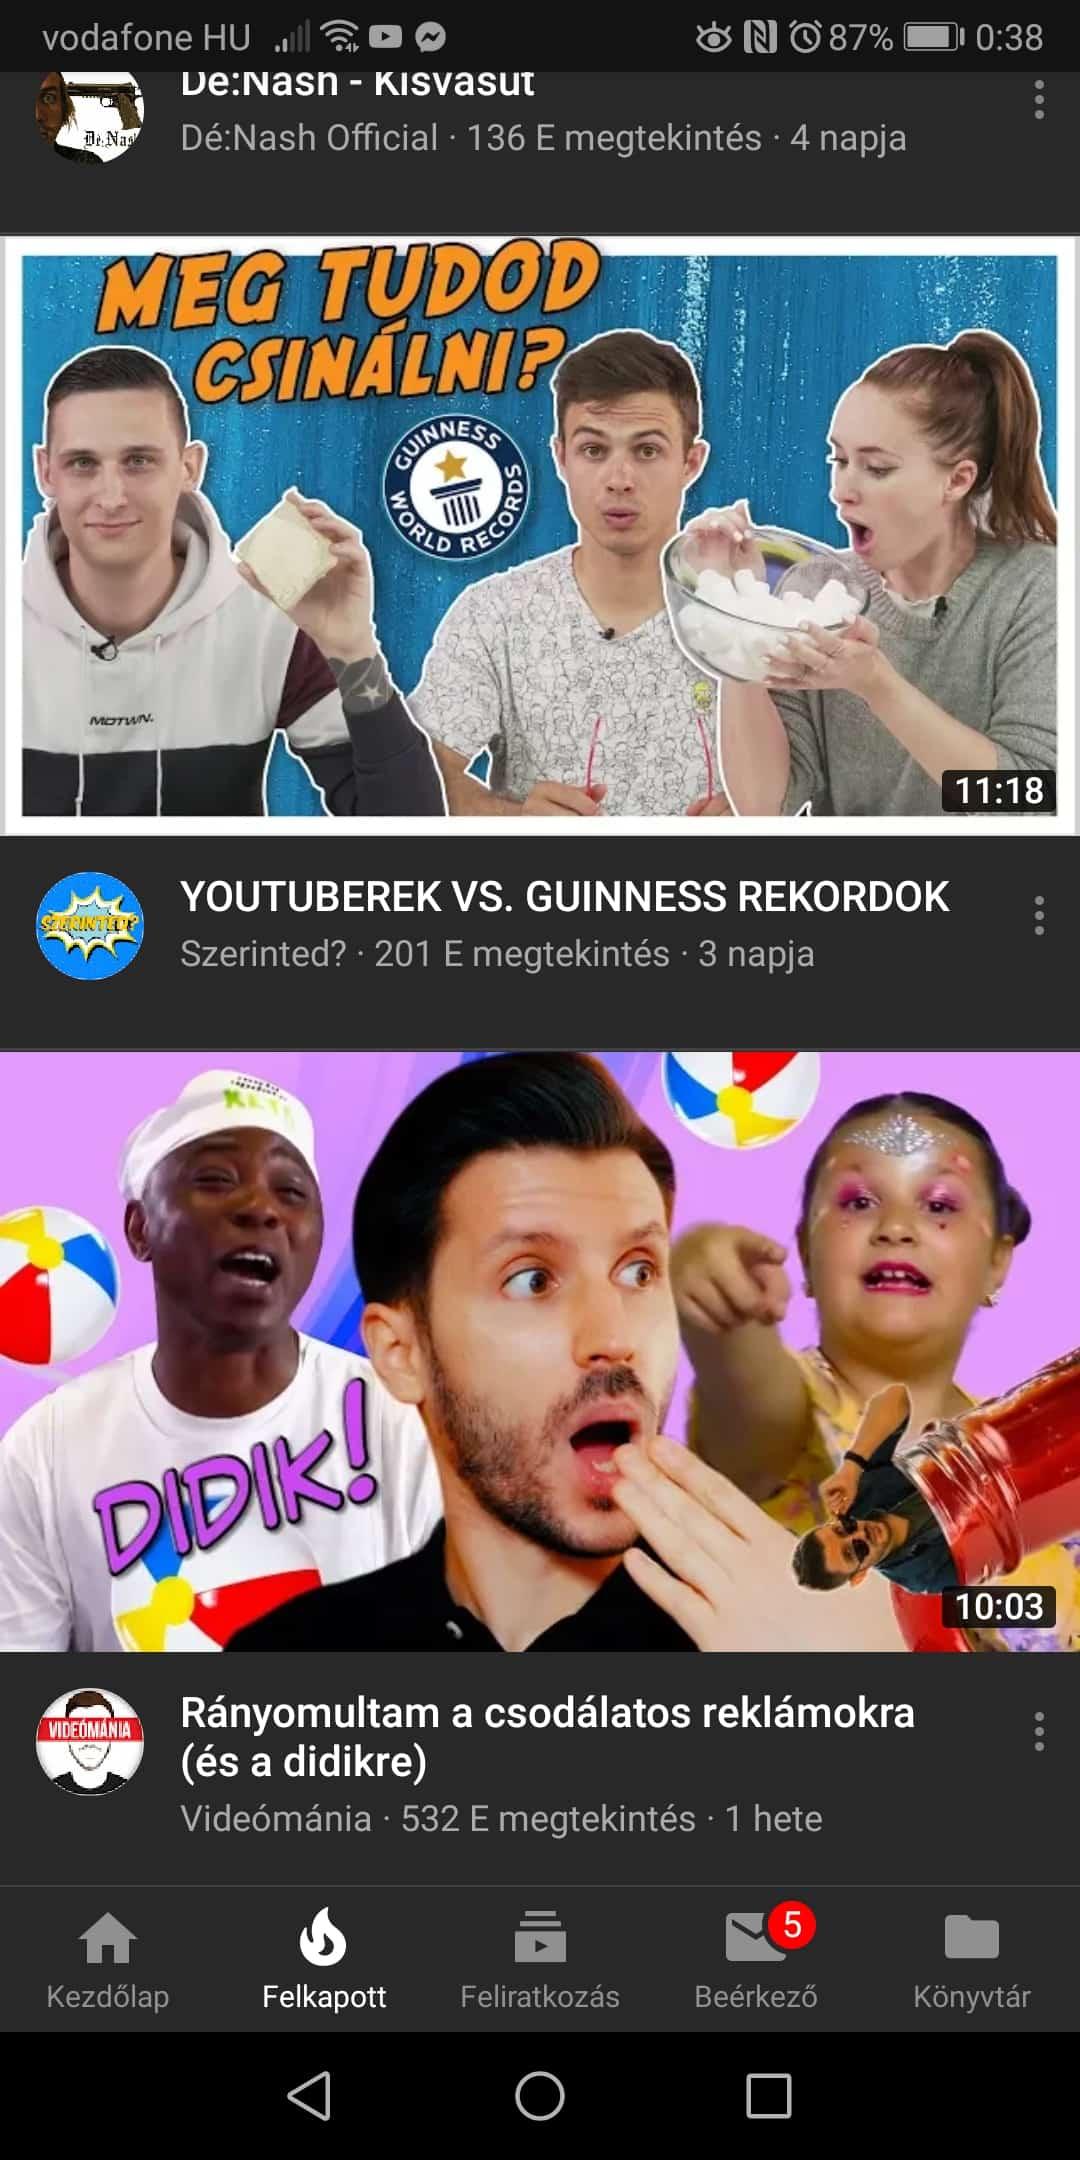 Népszerű Youtube videók